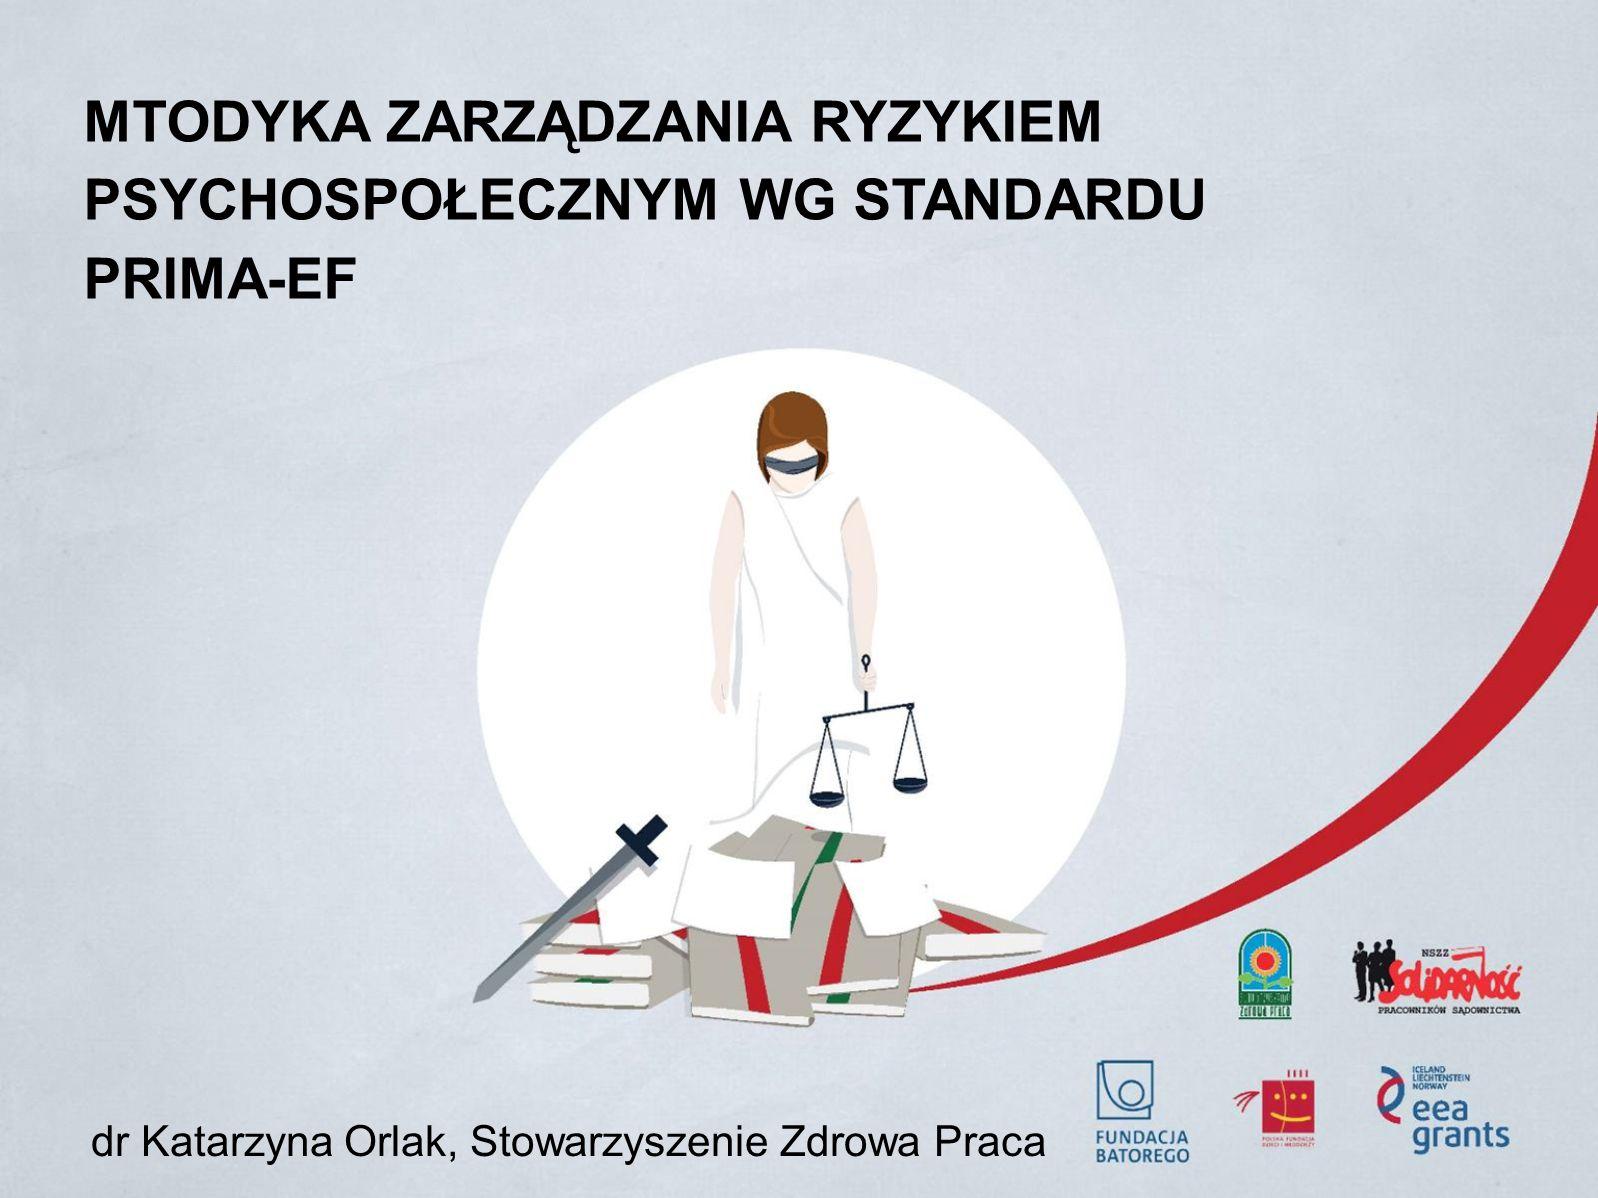 MTODYKA ZARZĄDZANIA RYZYKIEM PSYCHOSPOŁECZNYM WG STANDARDU PRIMA-EF dr Katarzyna Orlak, Stowarzyszenie Zdrowa Praca